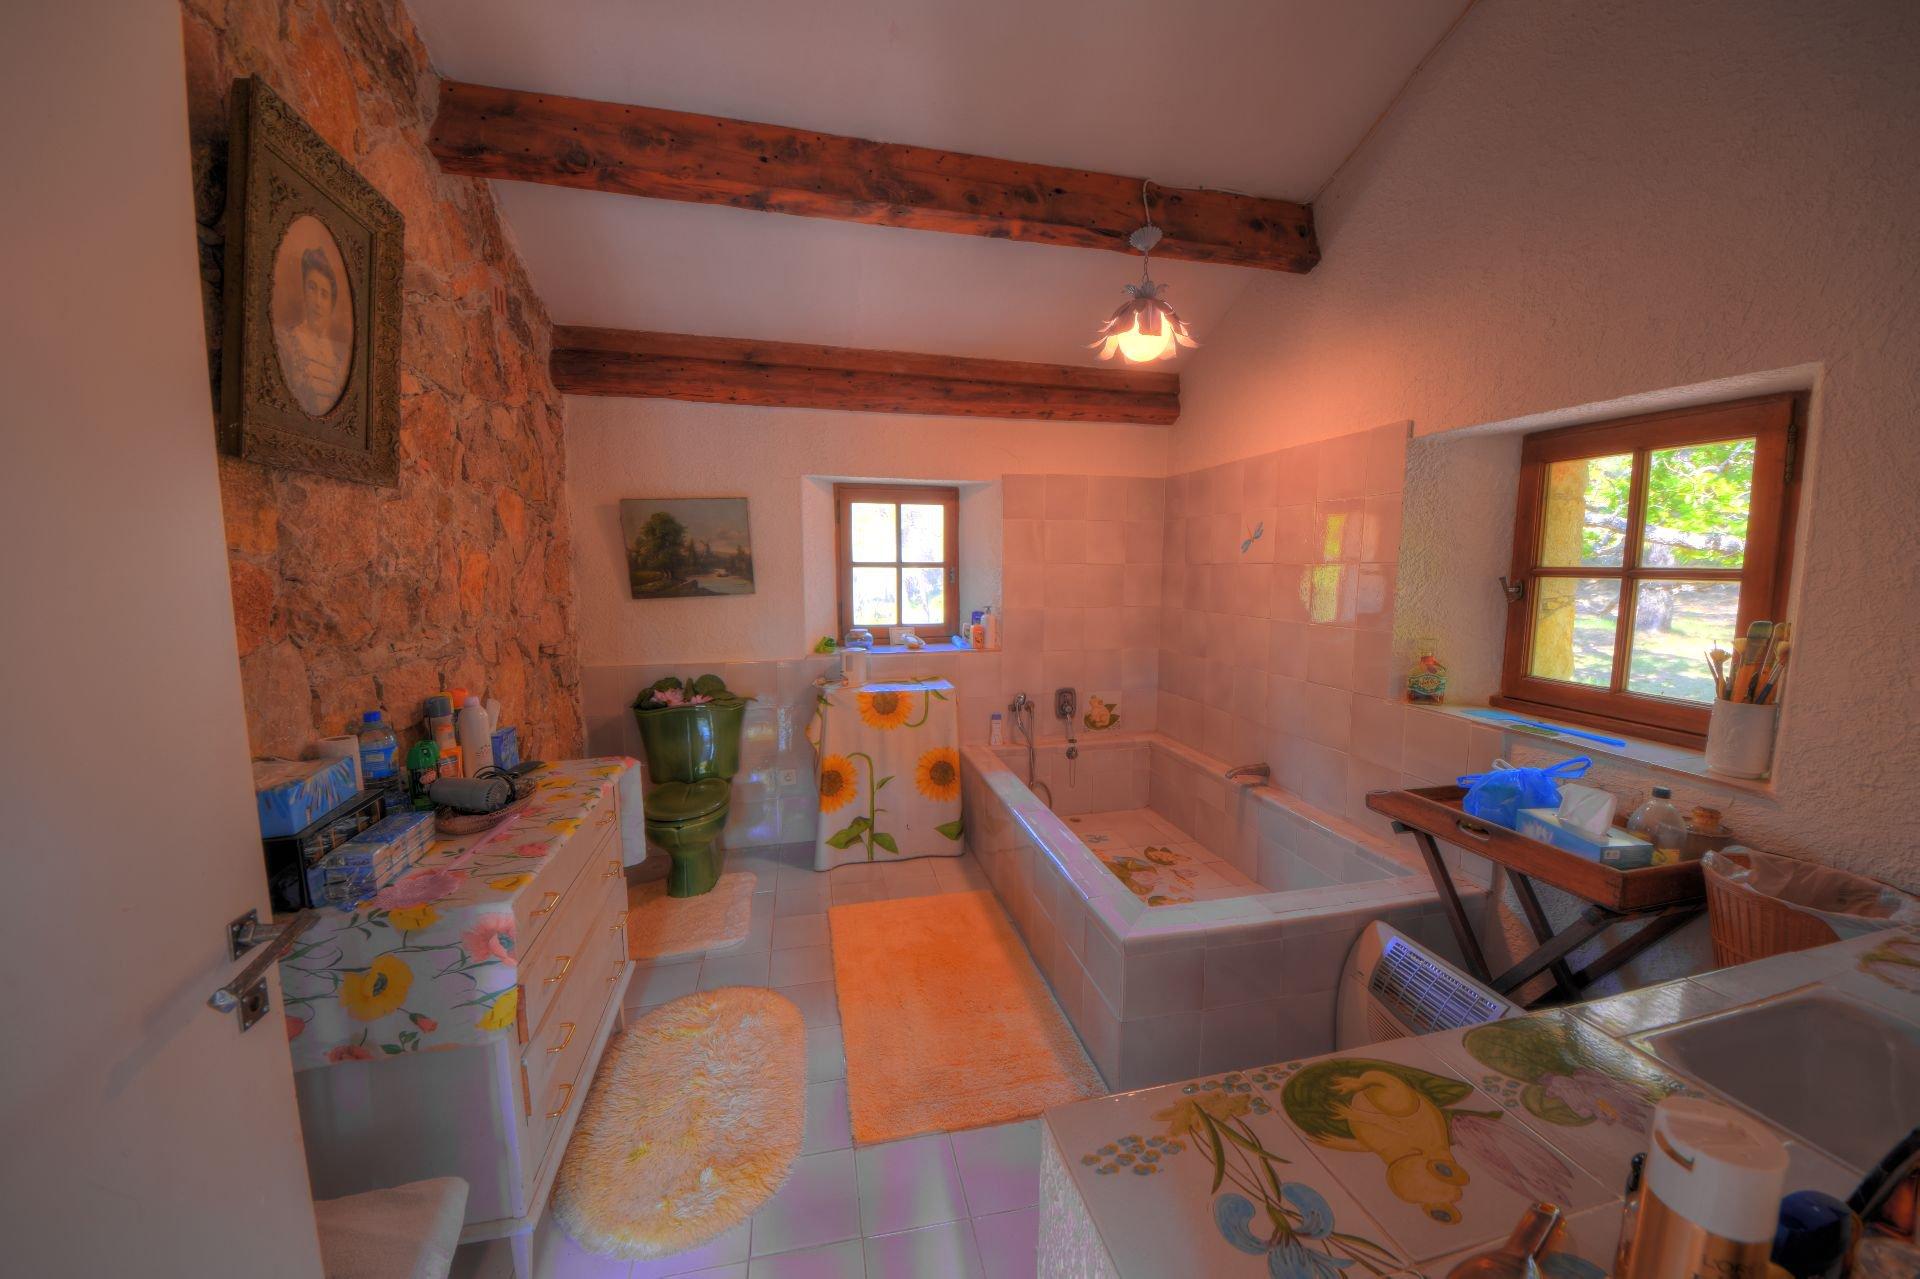 Salle de bains au 1er étage de la bergerie rénovée Tourtour, Var, Provence